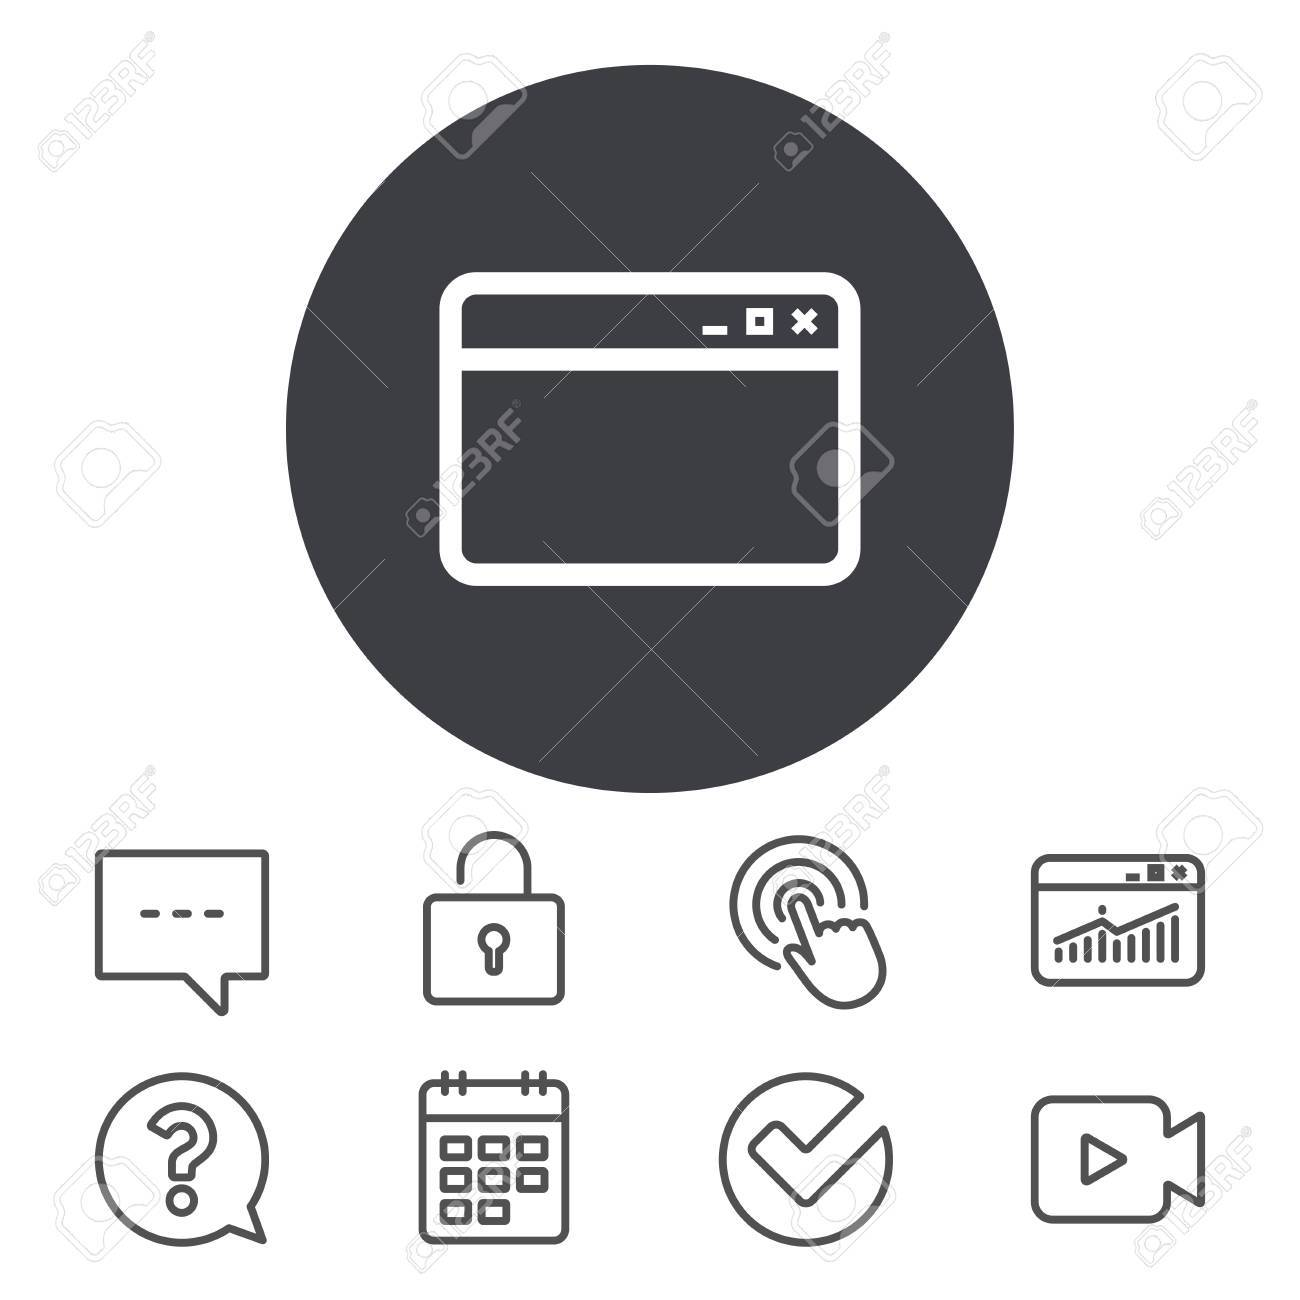 Icono De La Ventana Del Navegador. Símbolo De La Página De Internet ...